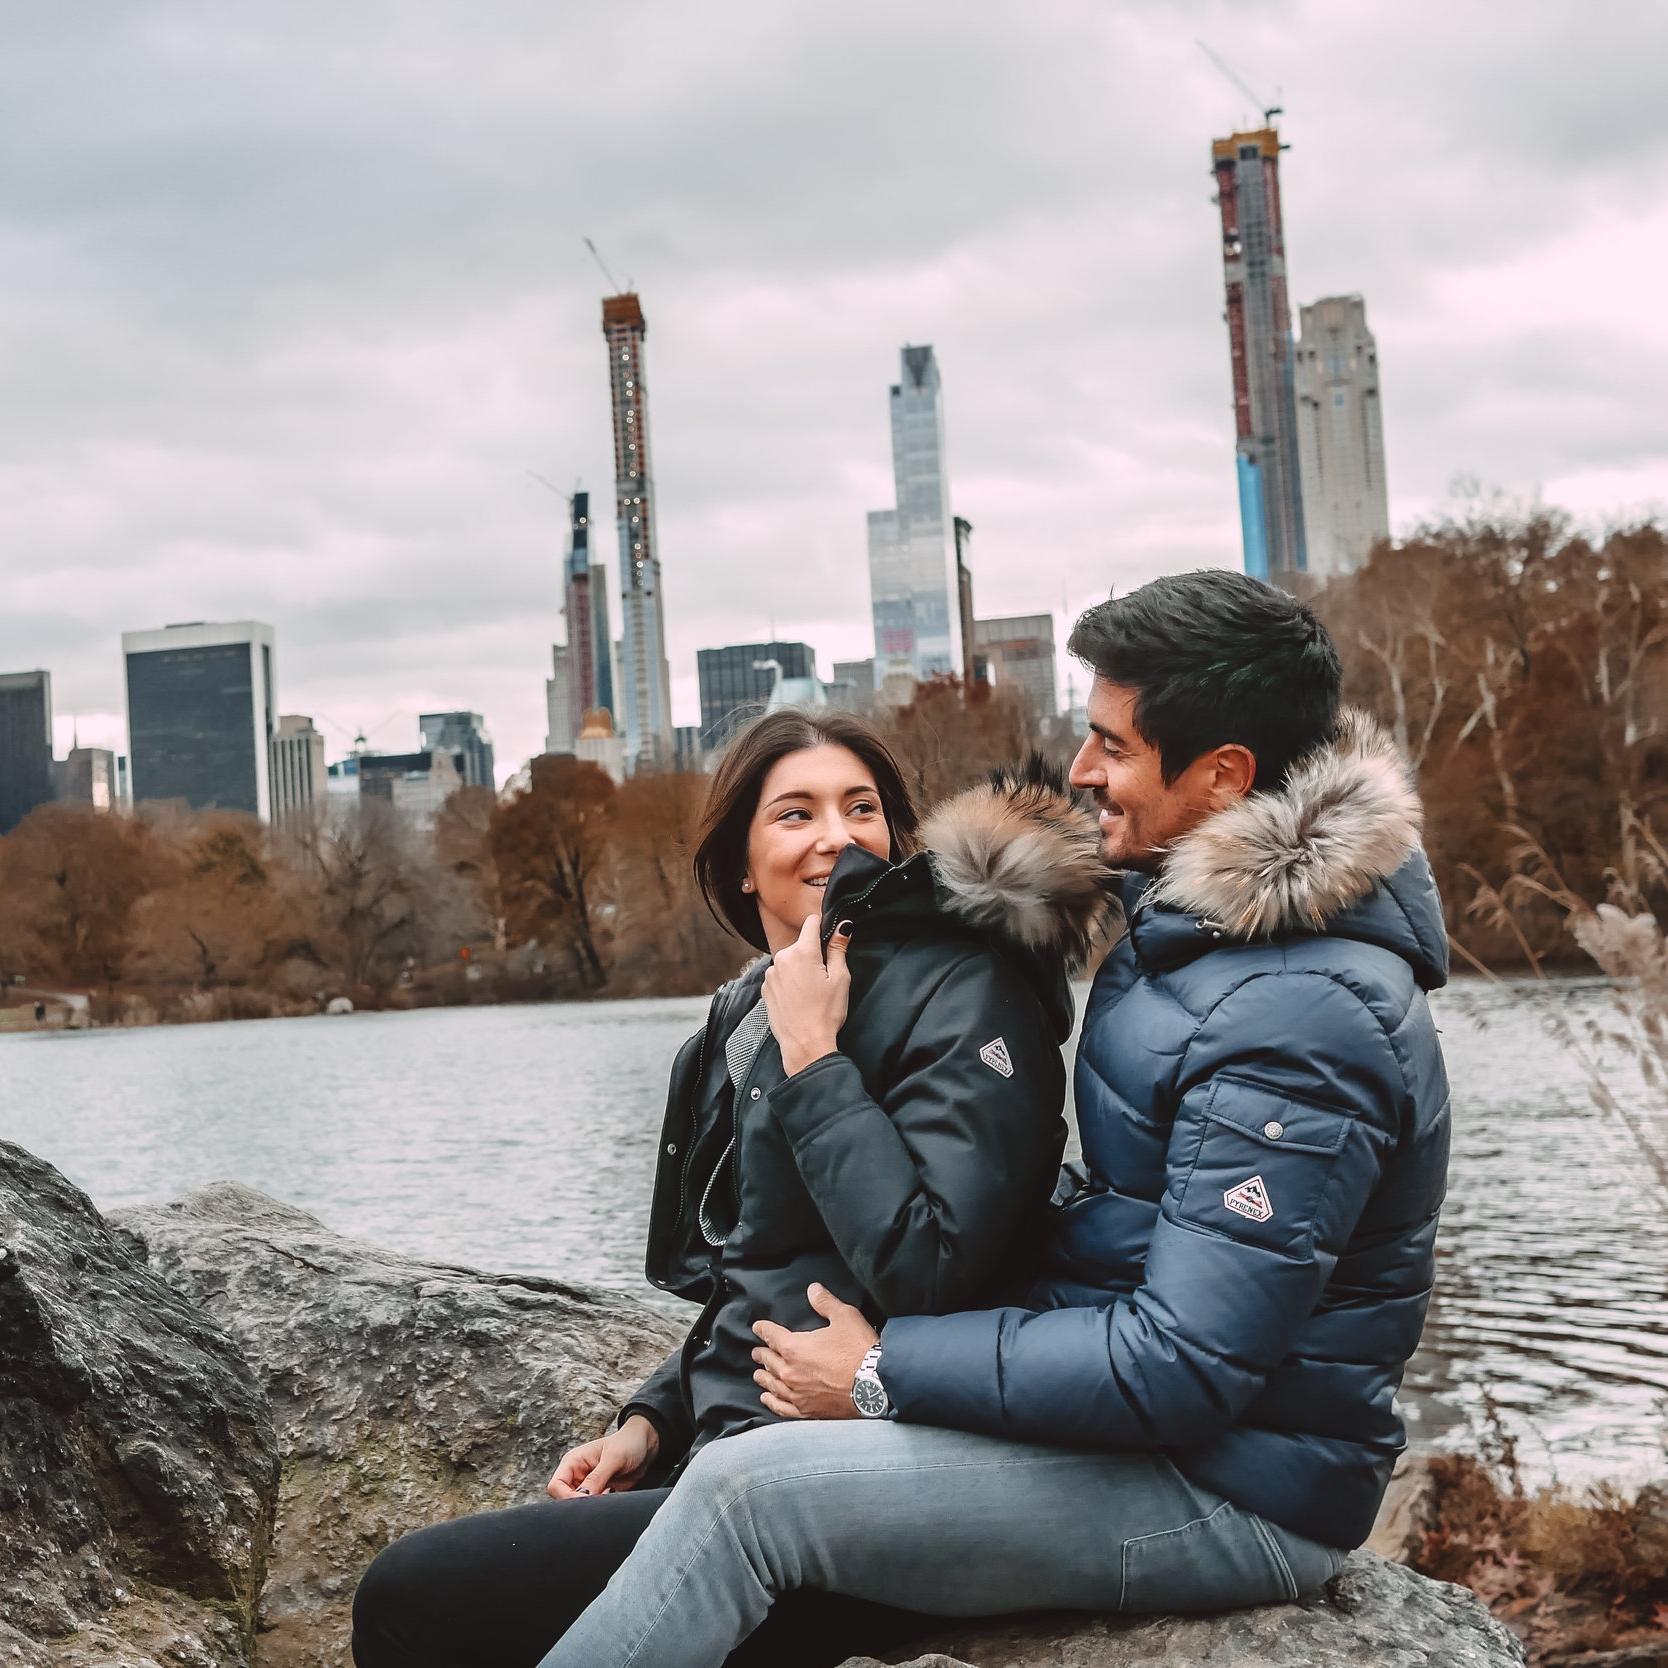 Découvrir la magie de New York City en plein hiver. -